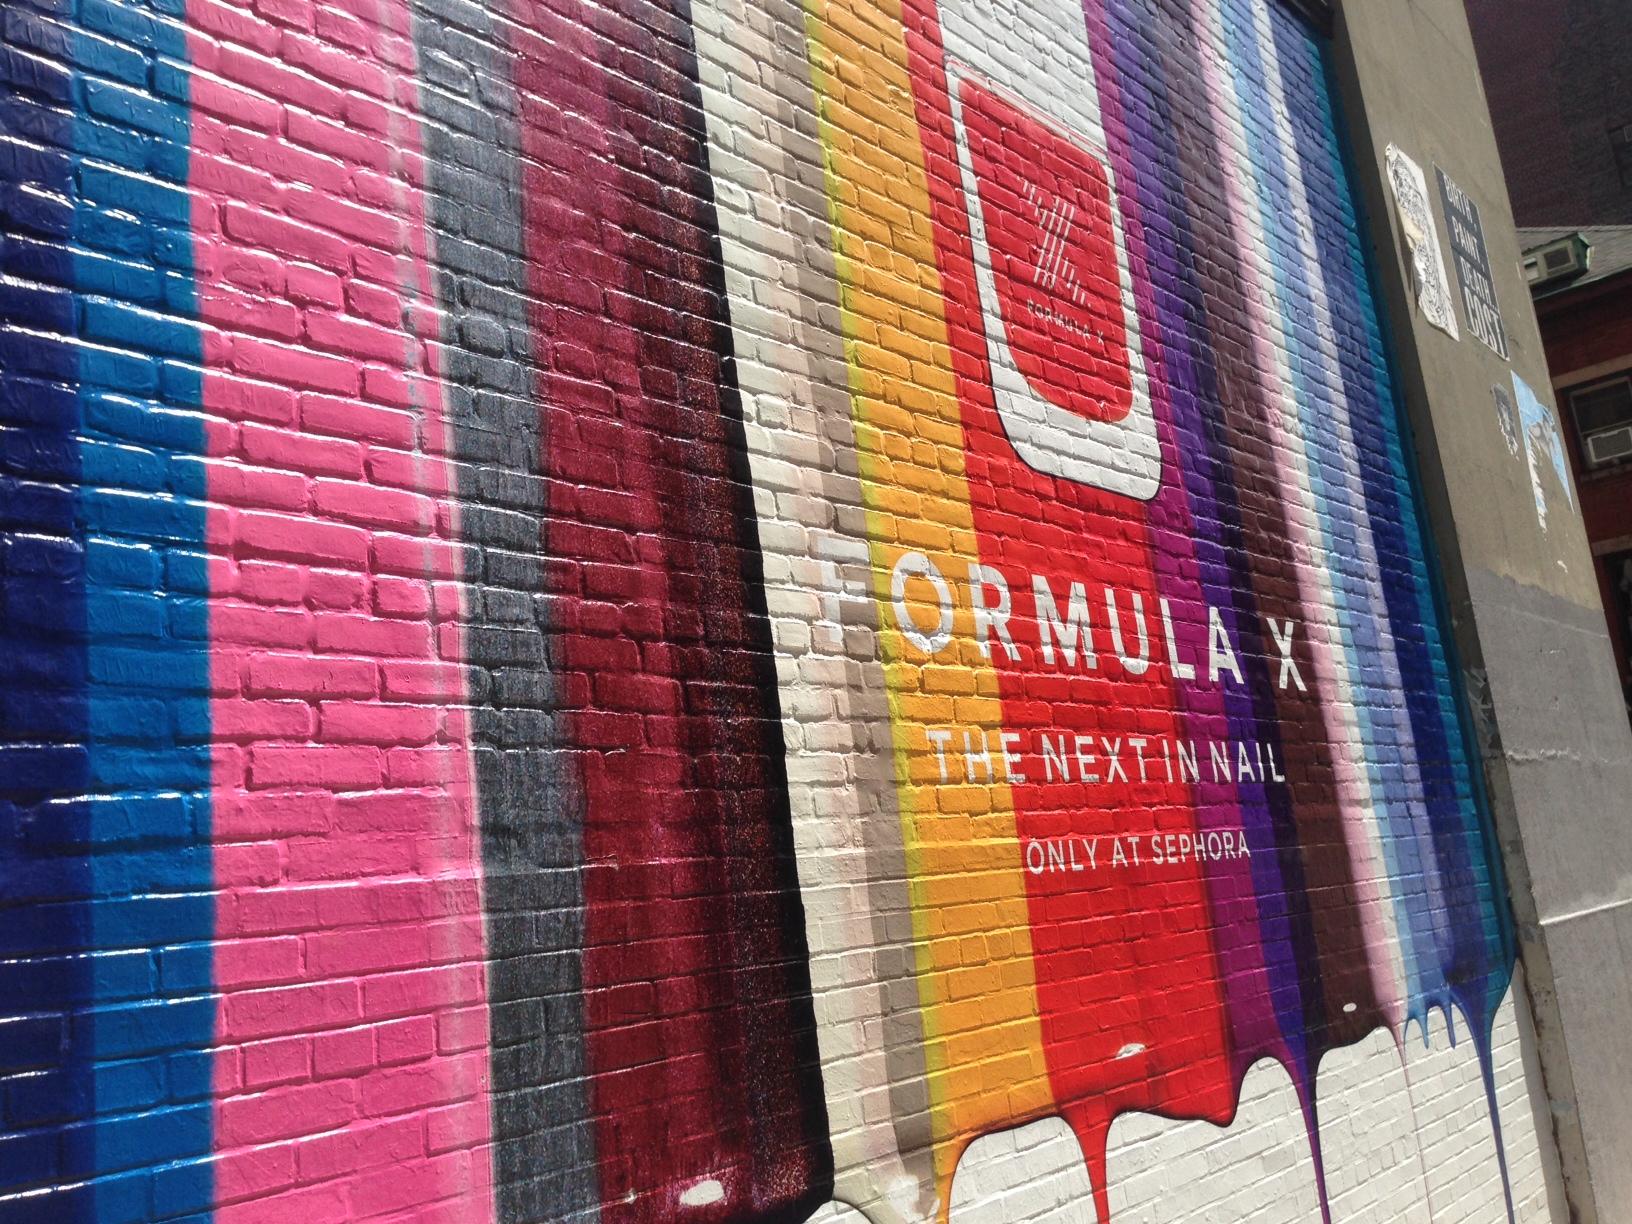 Vinyl for brick wall - Bricks Printing Textured Surface Walls Buidings Signage